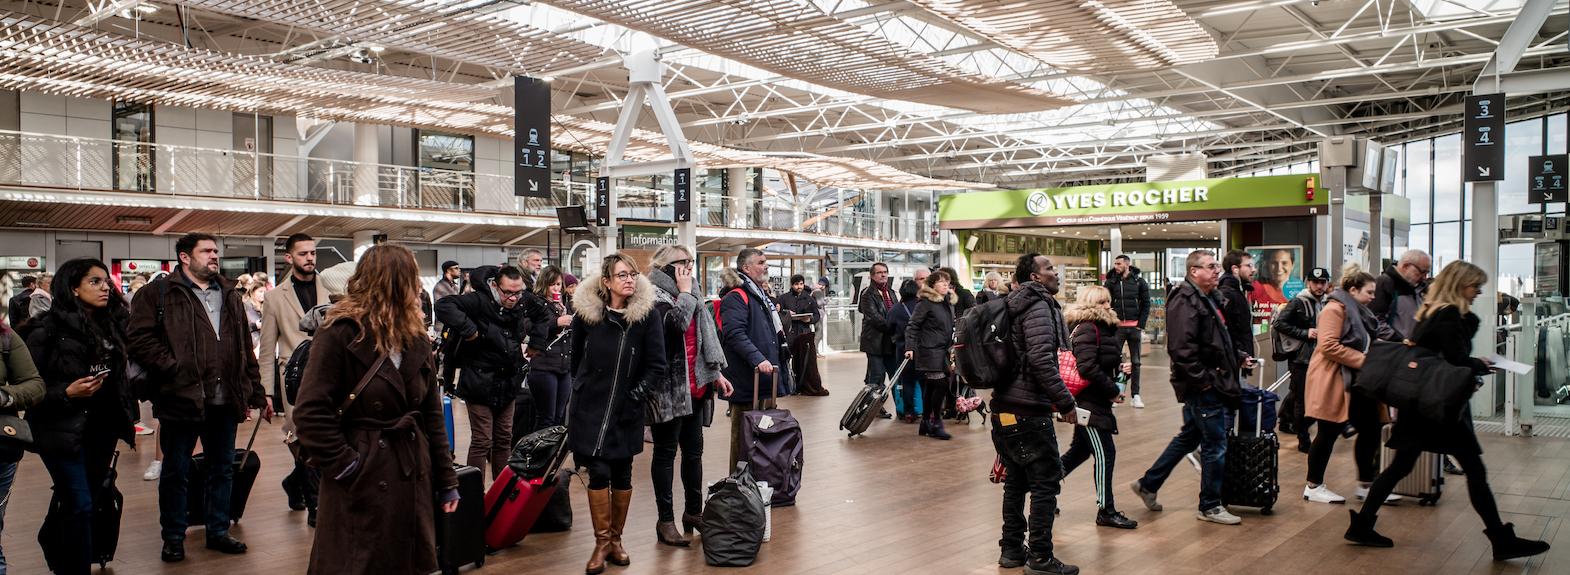 10-Gare_interieur-ambiance-janvier_2019.jpg